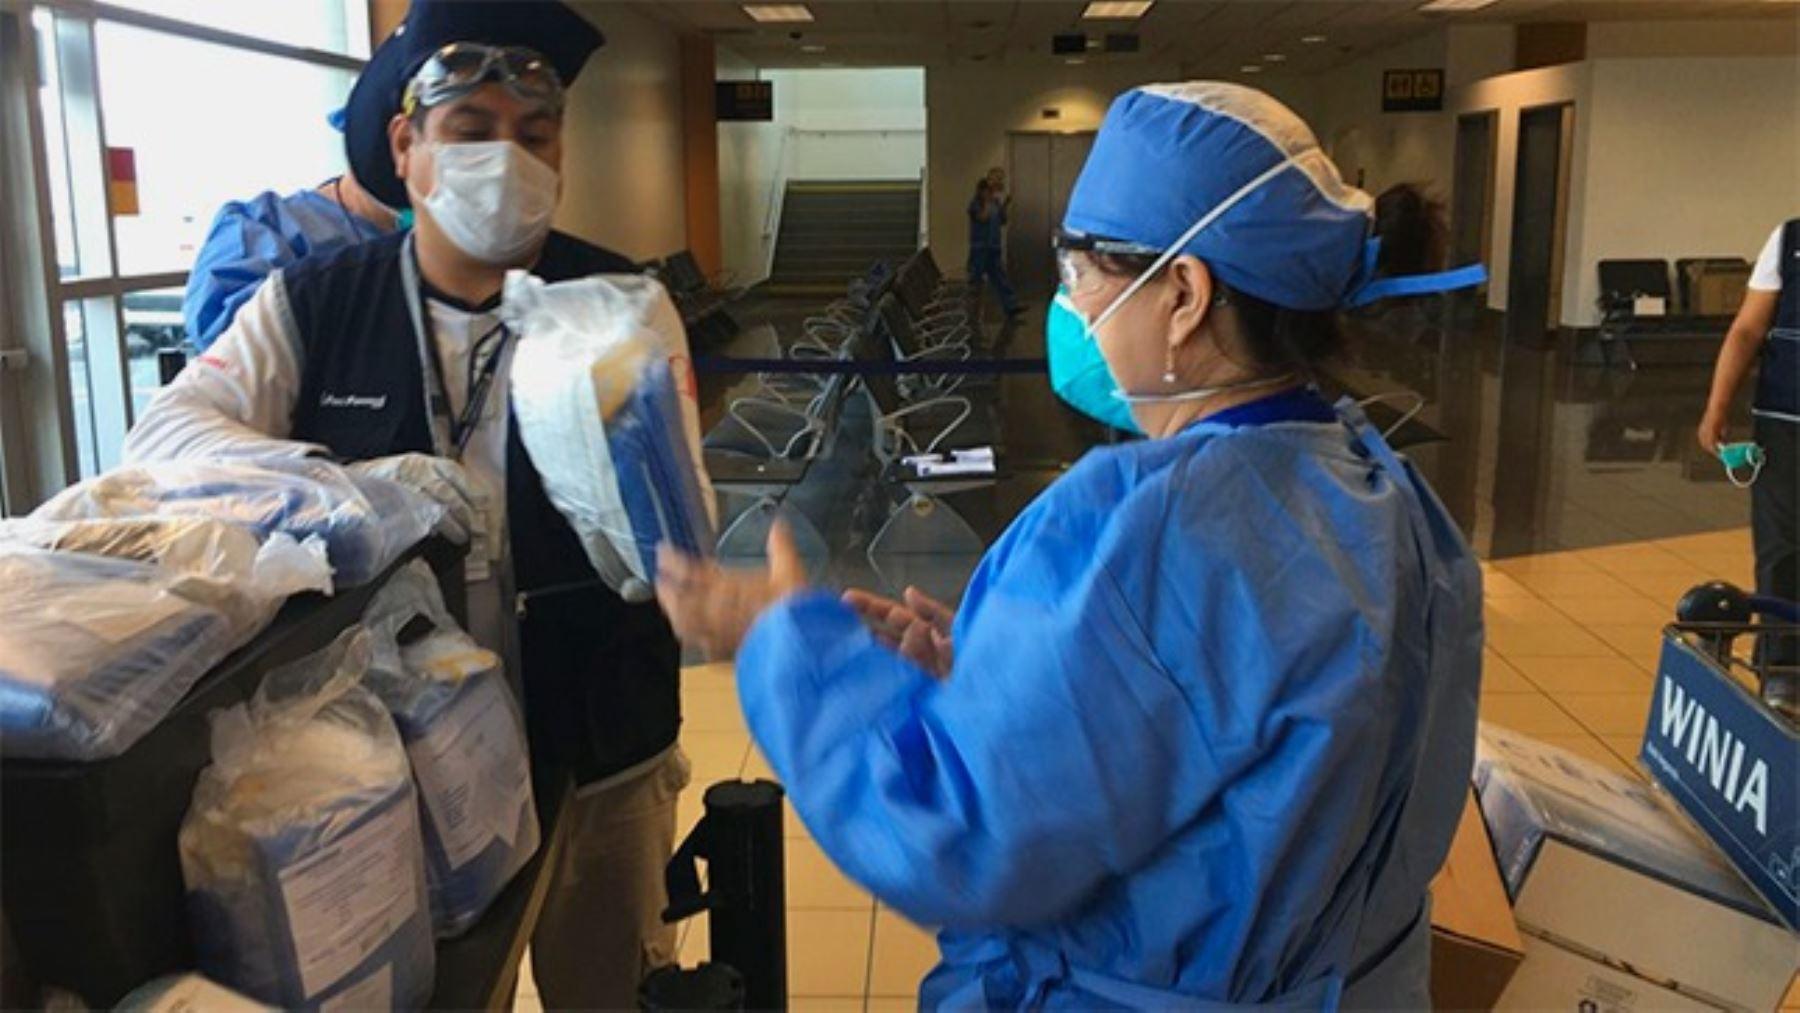 Coronavirus: Minsa entrega equipos de protección al personal de salud. Foto: ANDINA/Minsa.